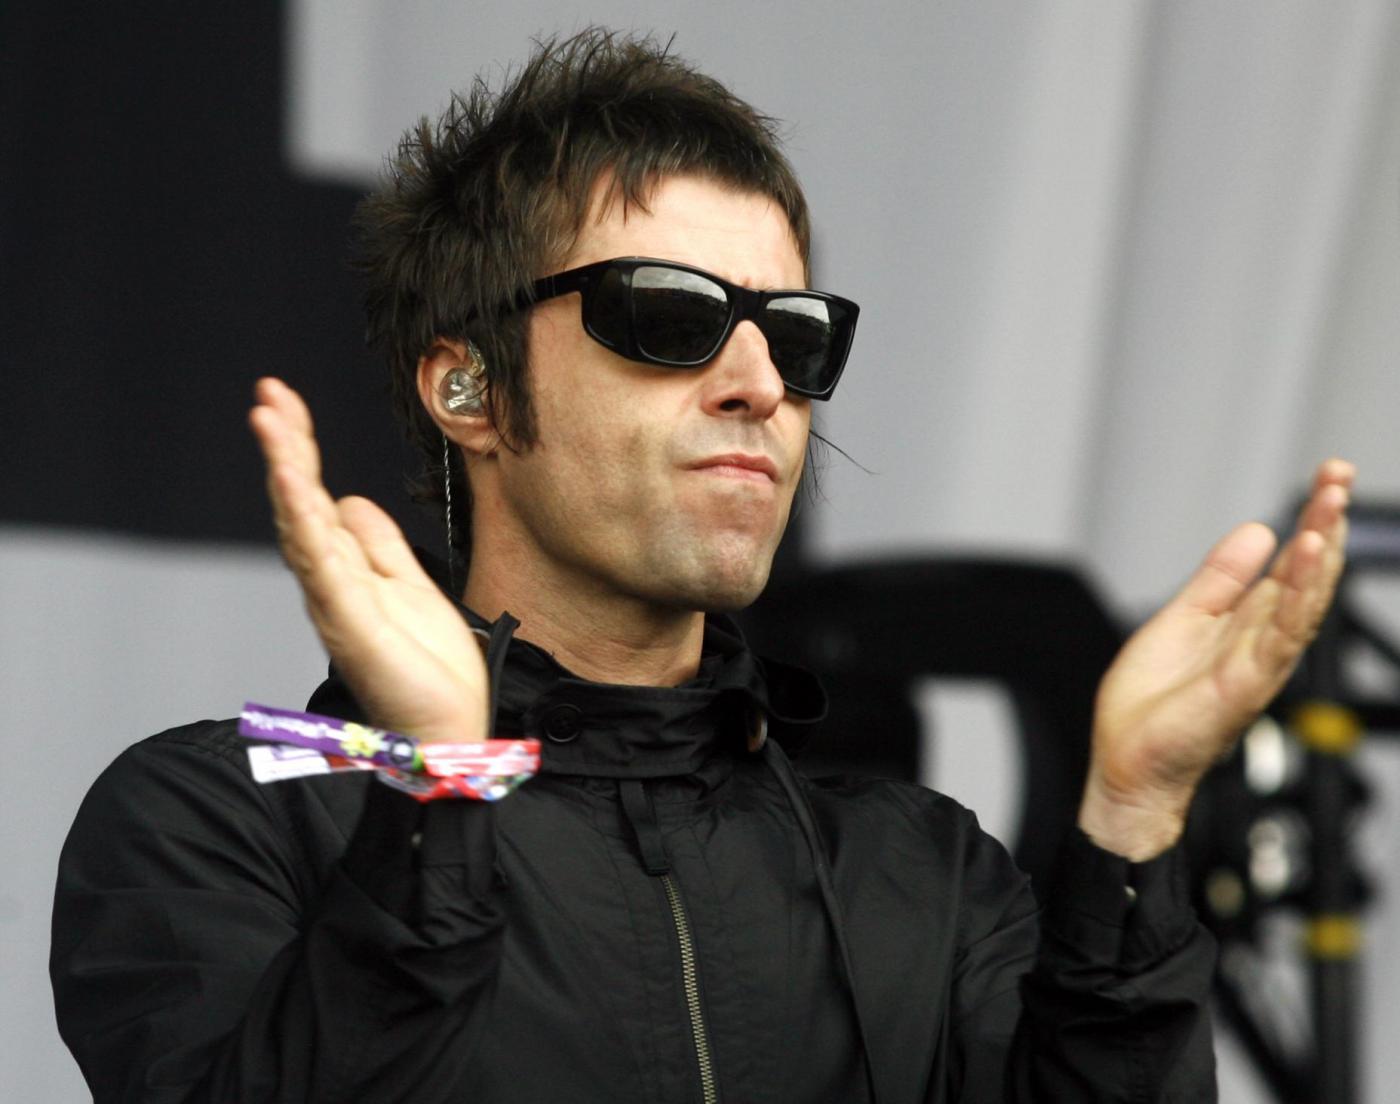 Oasis di nuovo insieme nel 2016? Secondo ex manager è possibile